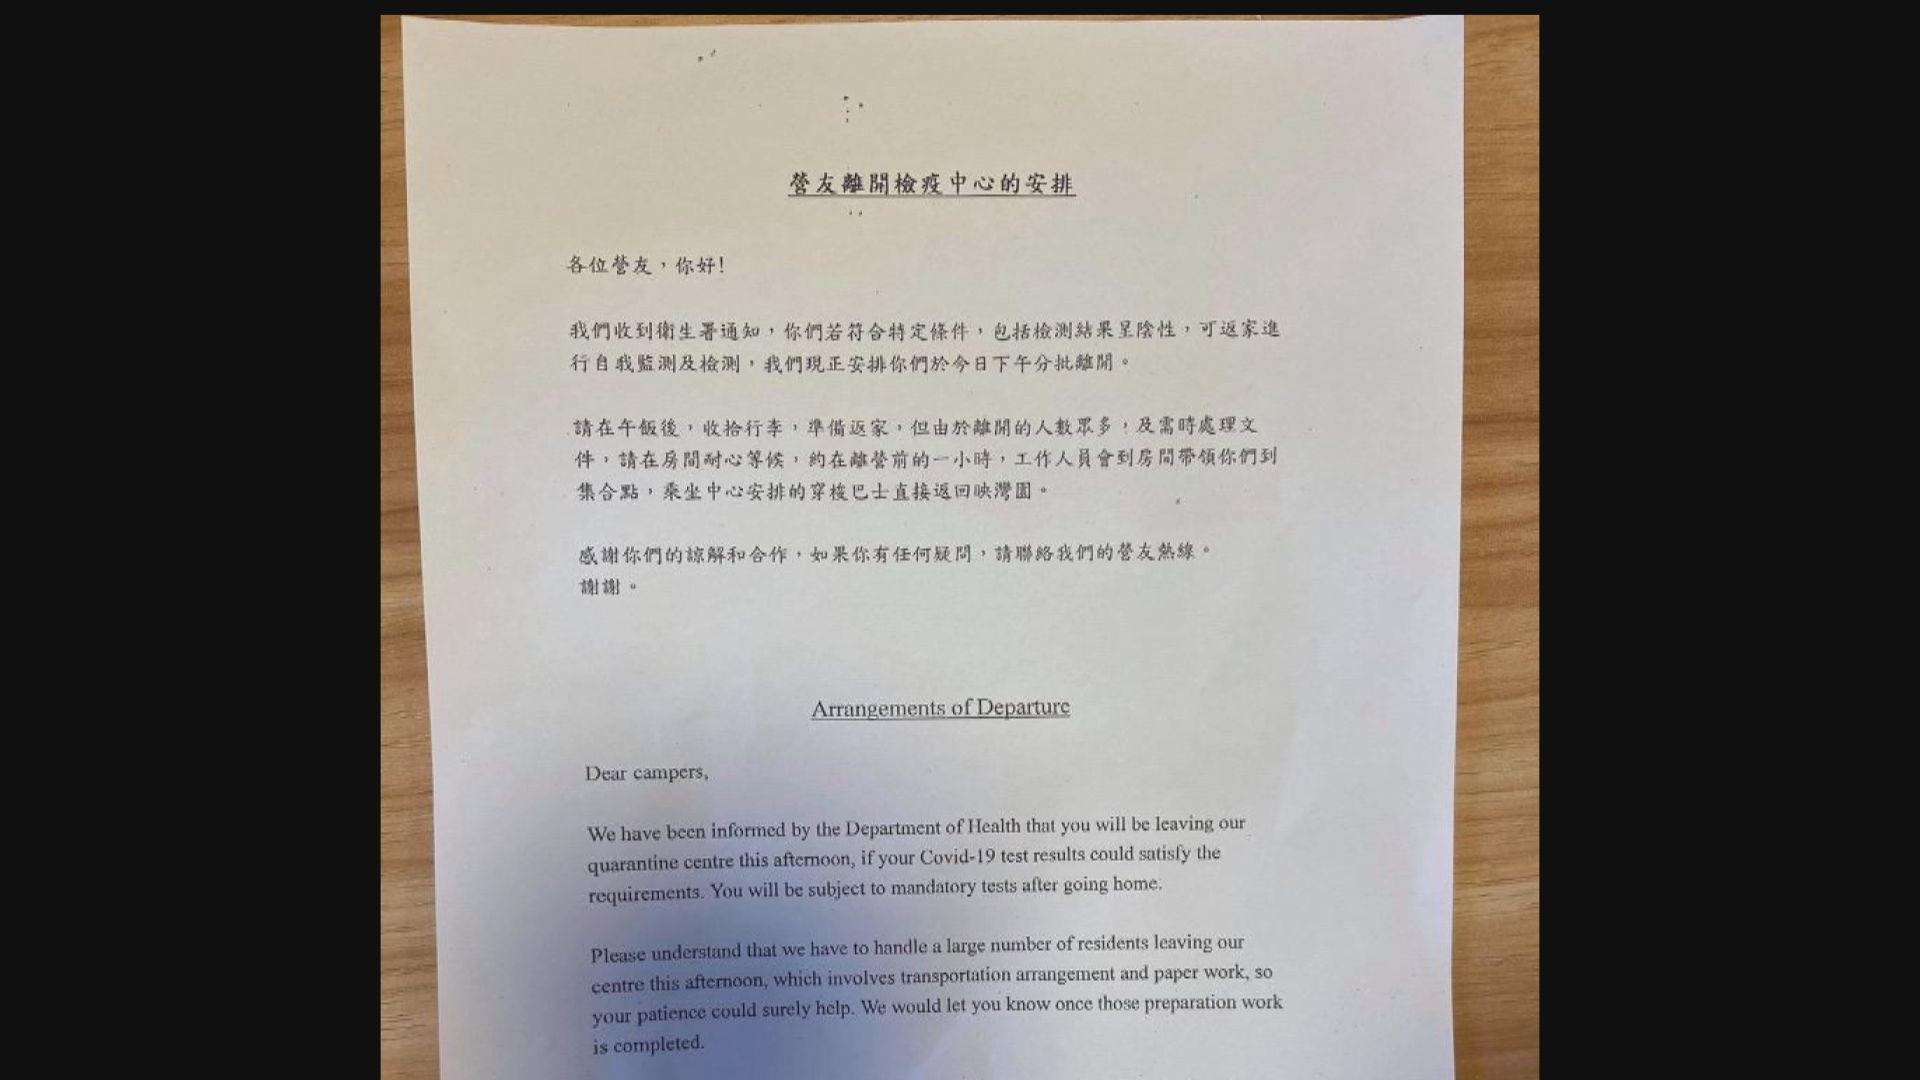 東涌映灣園檢疫居民接獲通知 下午起可分批離開竹篙灣